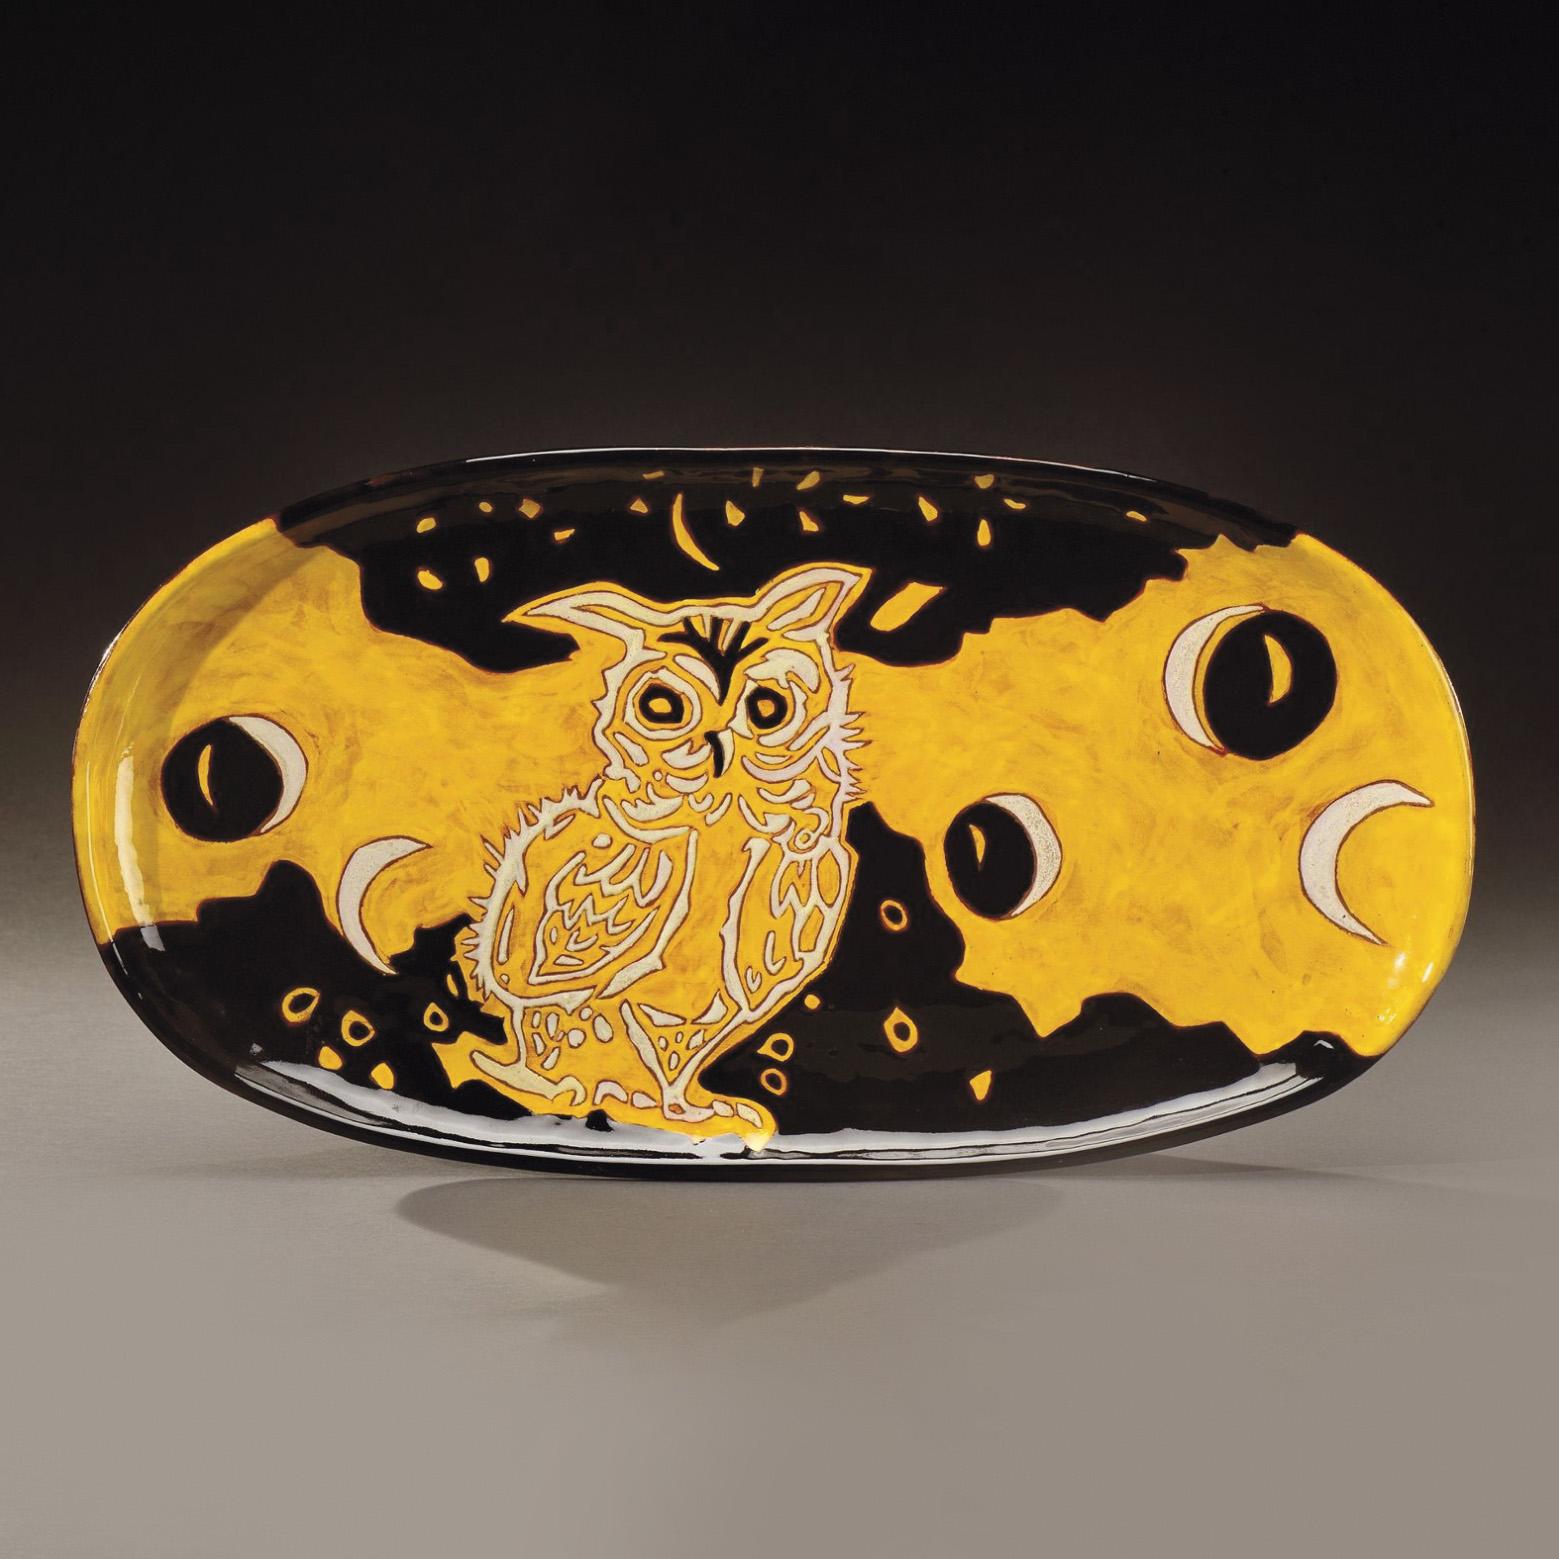 1721€ Jean Lurçat et Sant Vicens, plat en céramique émaillée d'un hibou, vers 1950, l.52cm.Paris, Drouot. 20mars 2015. Aguttes OVV. M